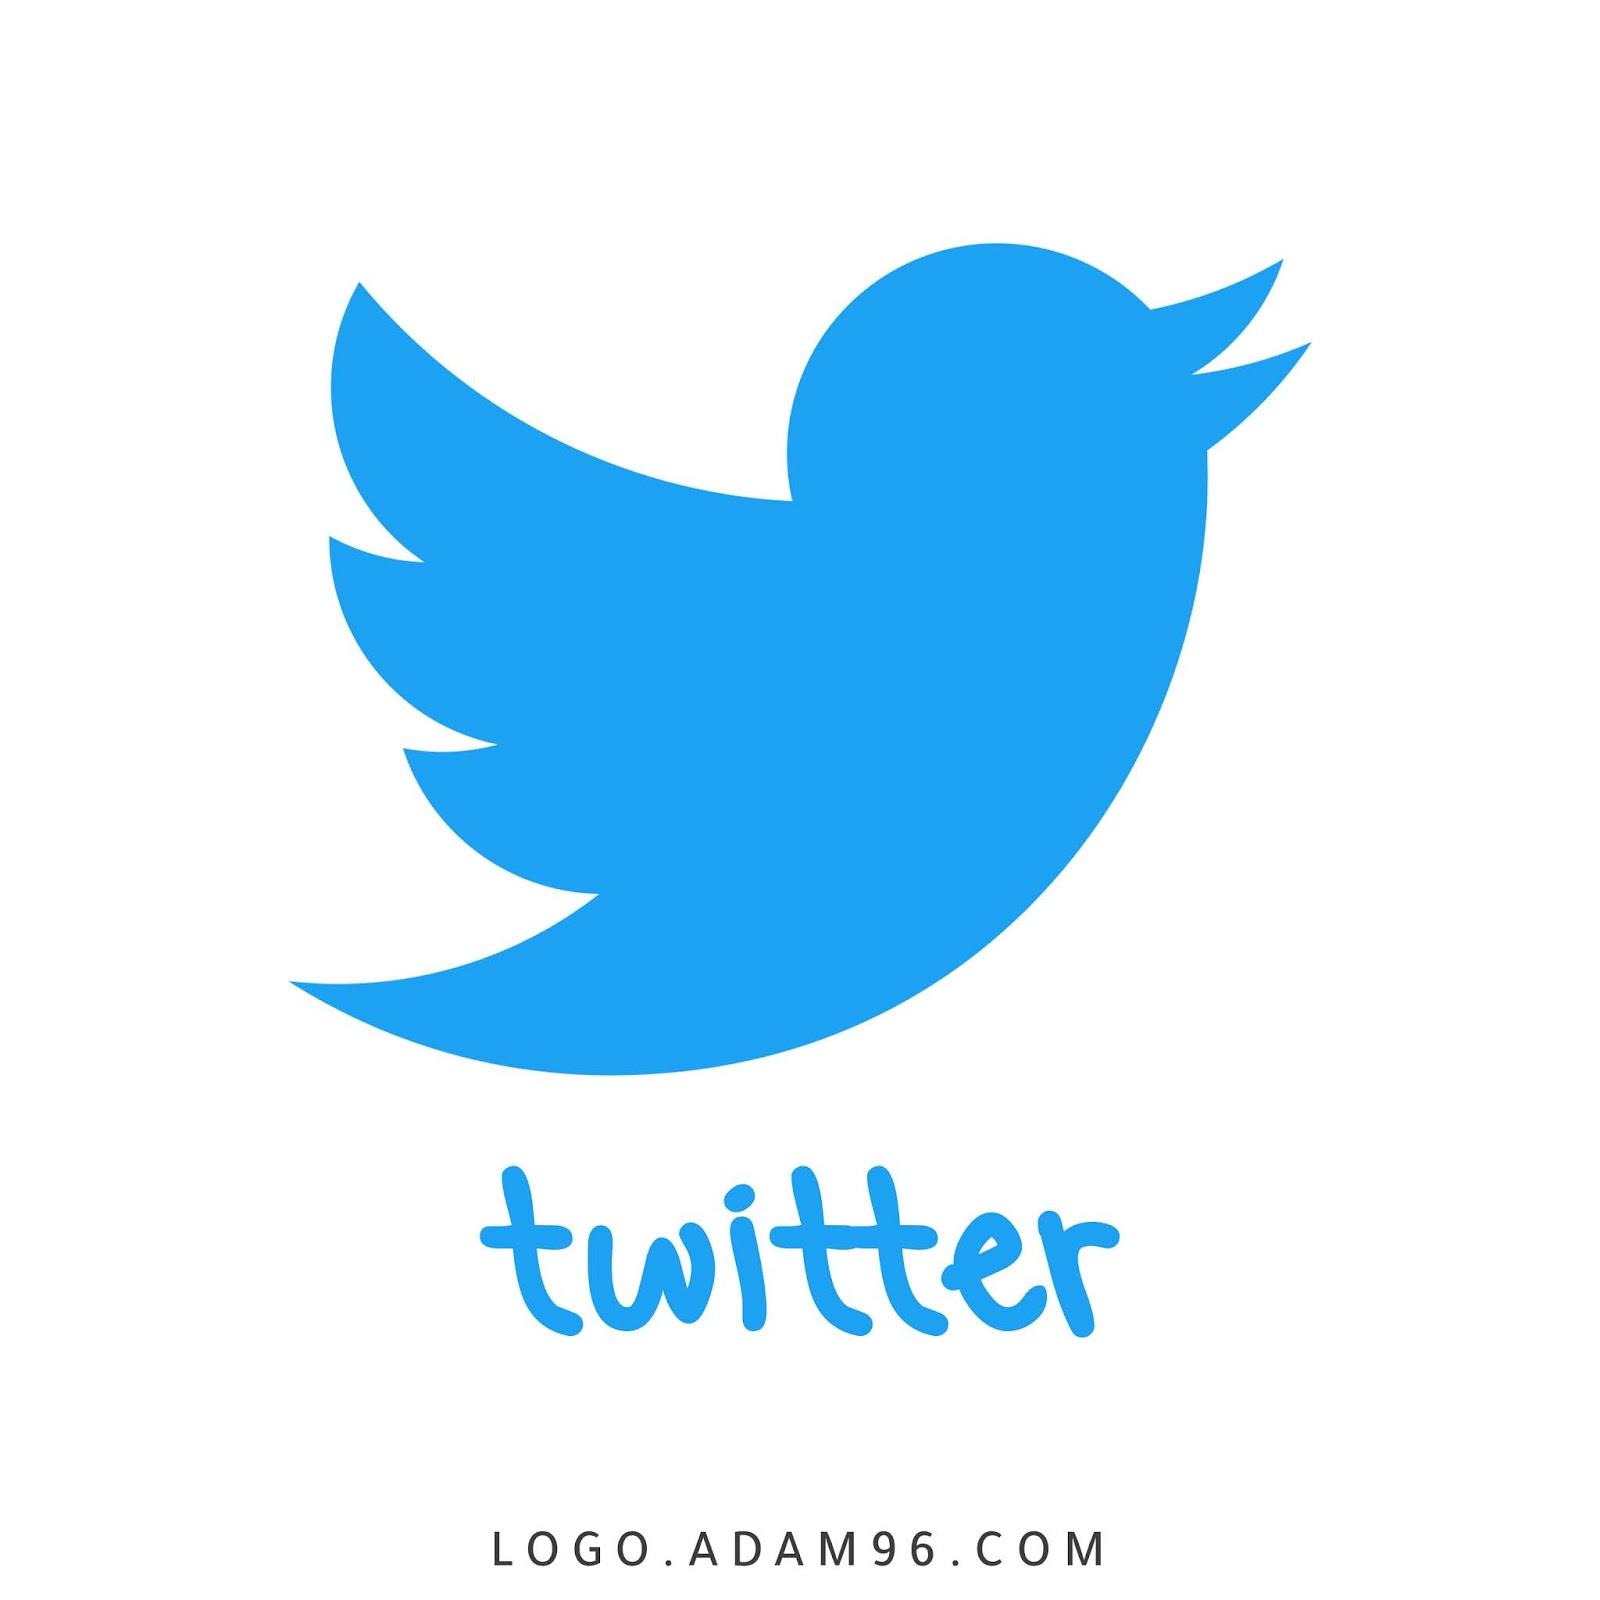 تطبيق تويتر يحصل على قسم مخصص للغرف الصوتية